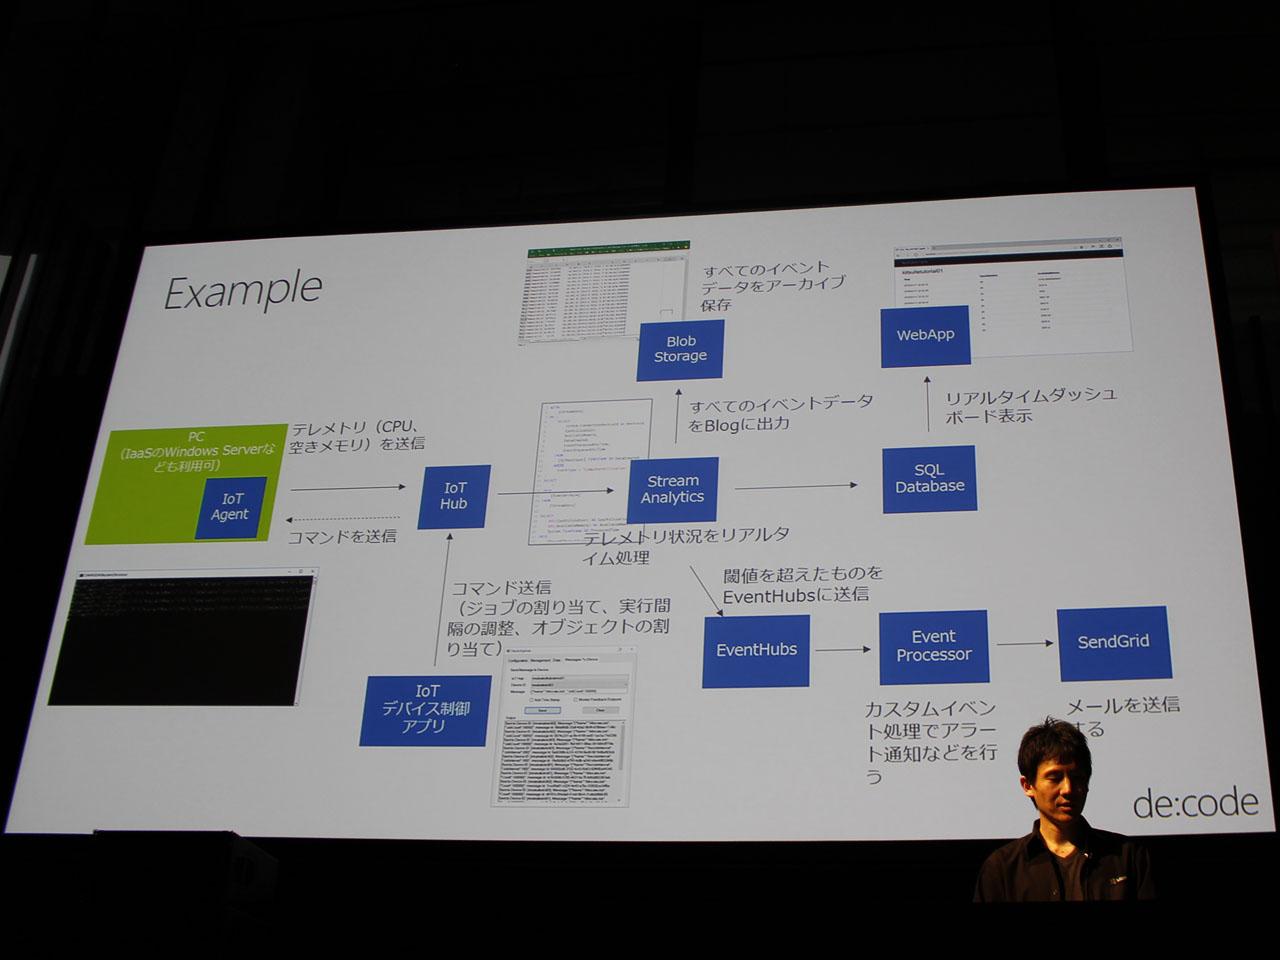 Azure IoTの各機能を用いたシステムの構成例。「複雑に見えるが、次のレイヤーにデータを渡しながら進んでいくので、パートに分けて考えればわかりやすい(中田氏)」